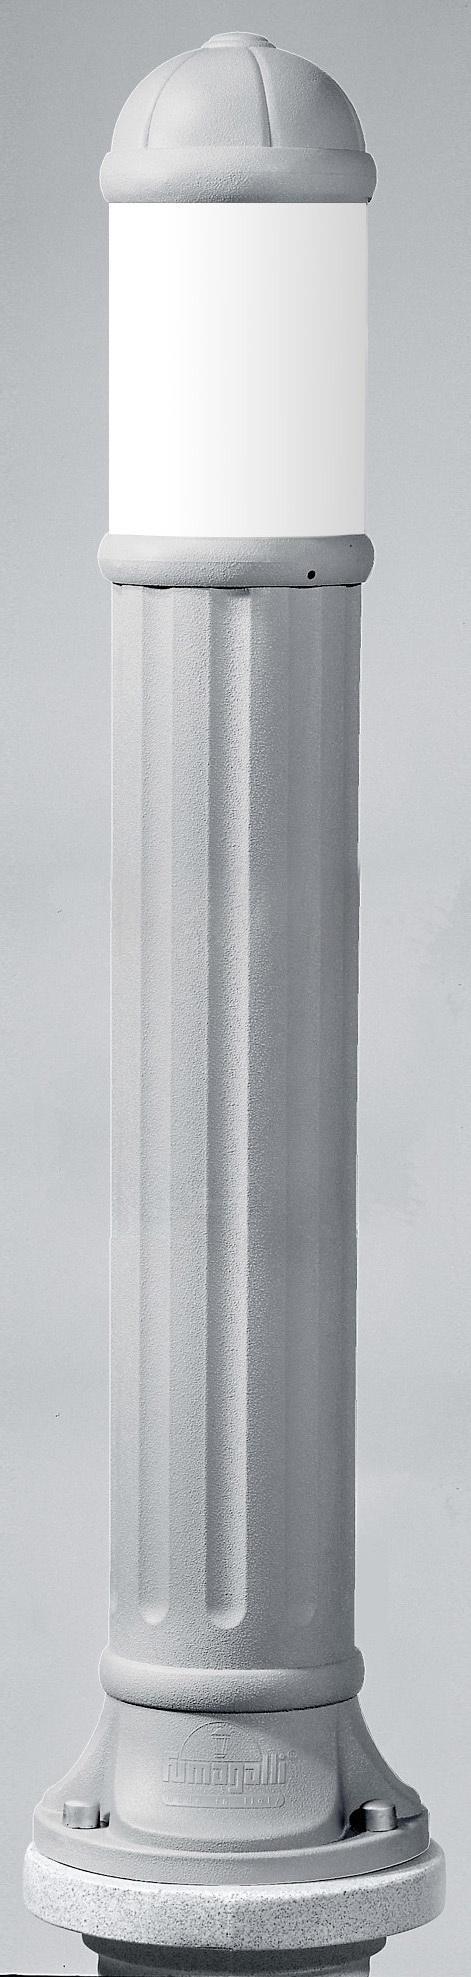 Светильник Fumagalli Sauro 1100, уличный, производство: Италия, серый матовый